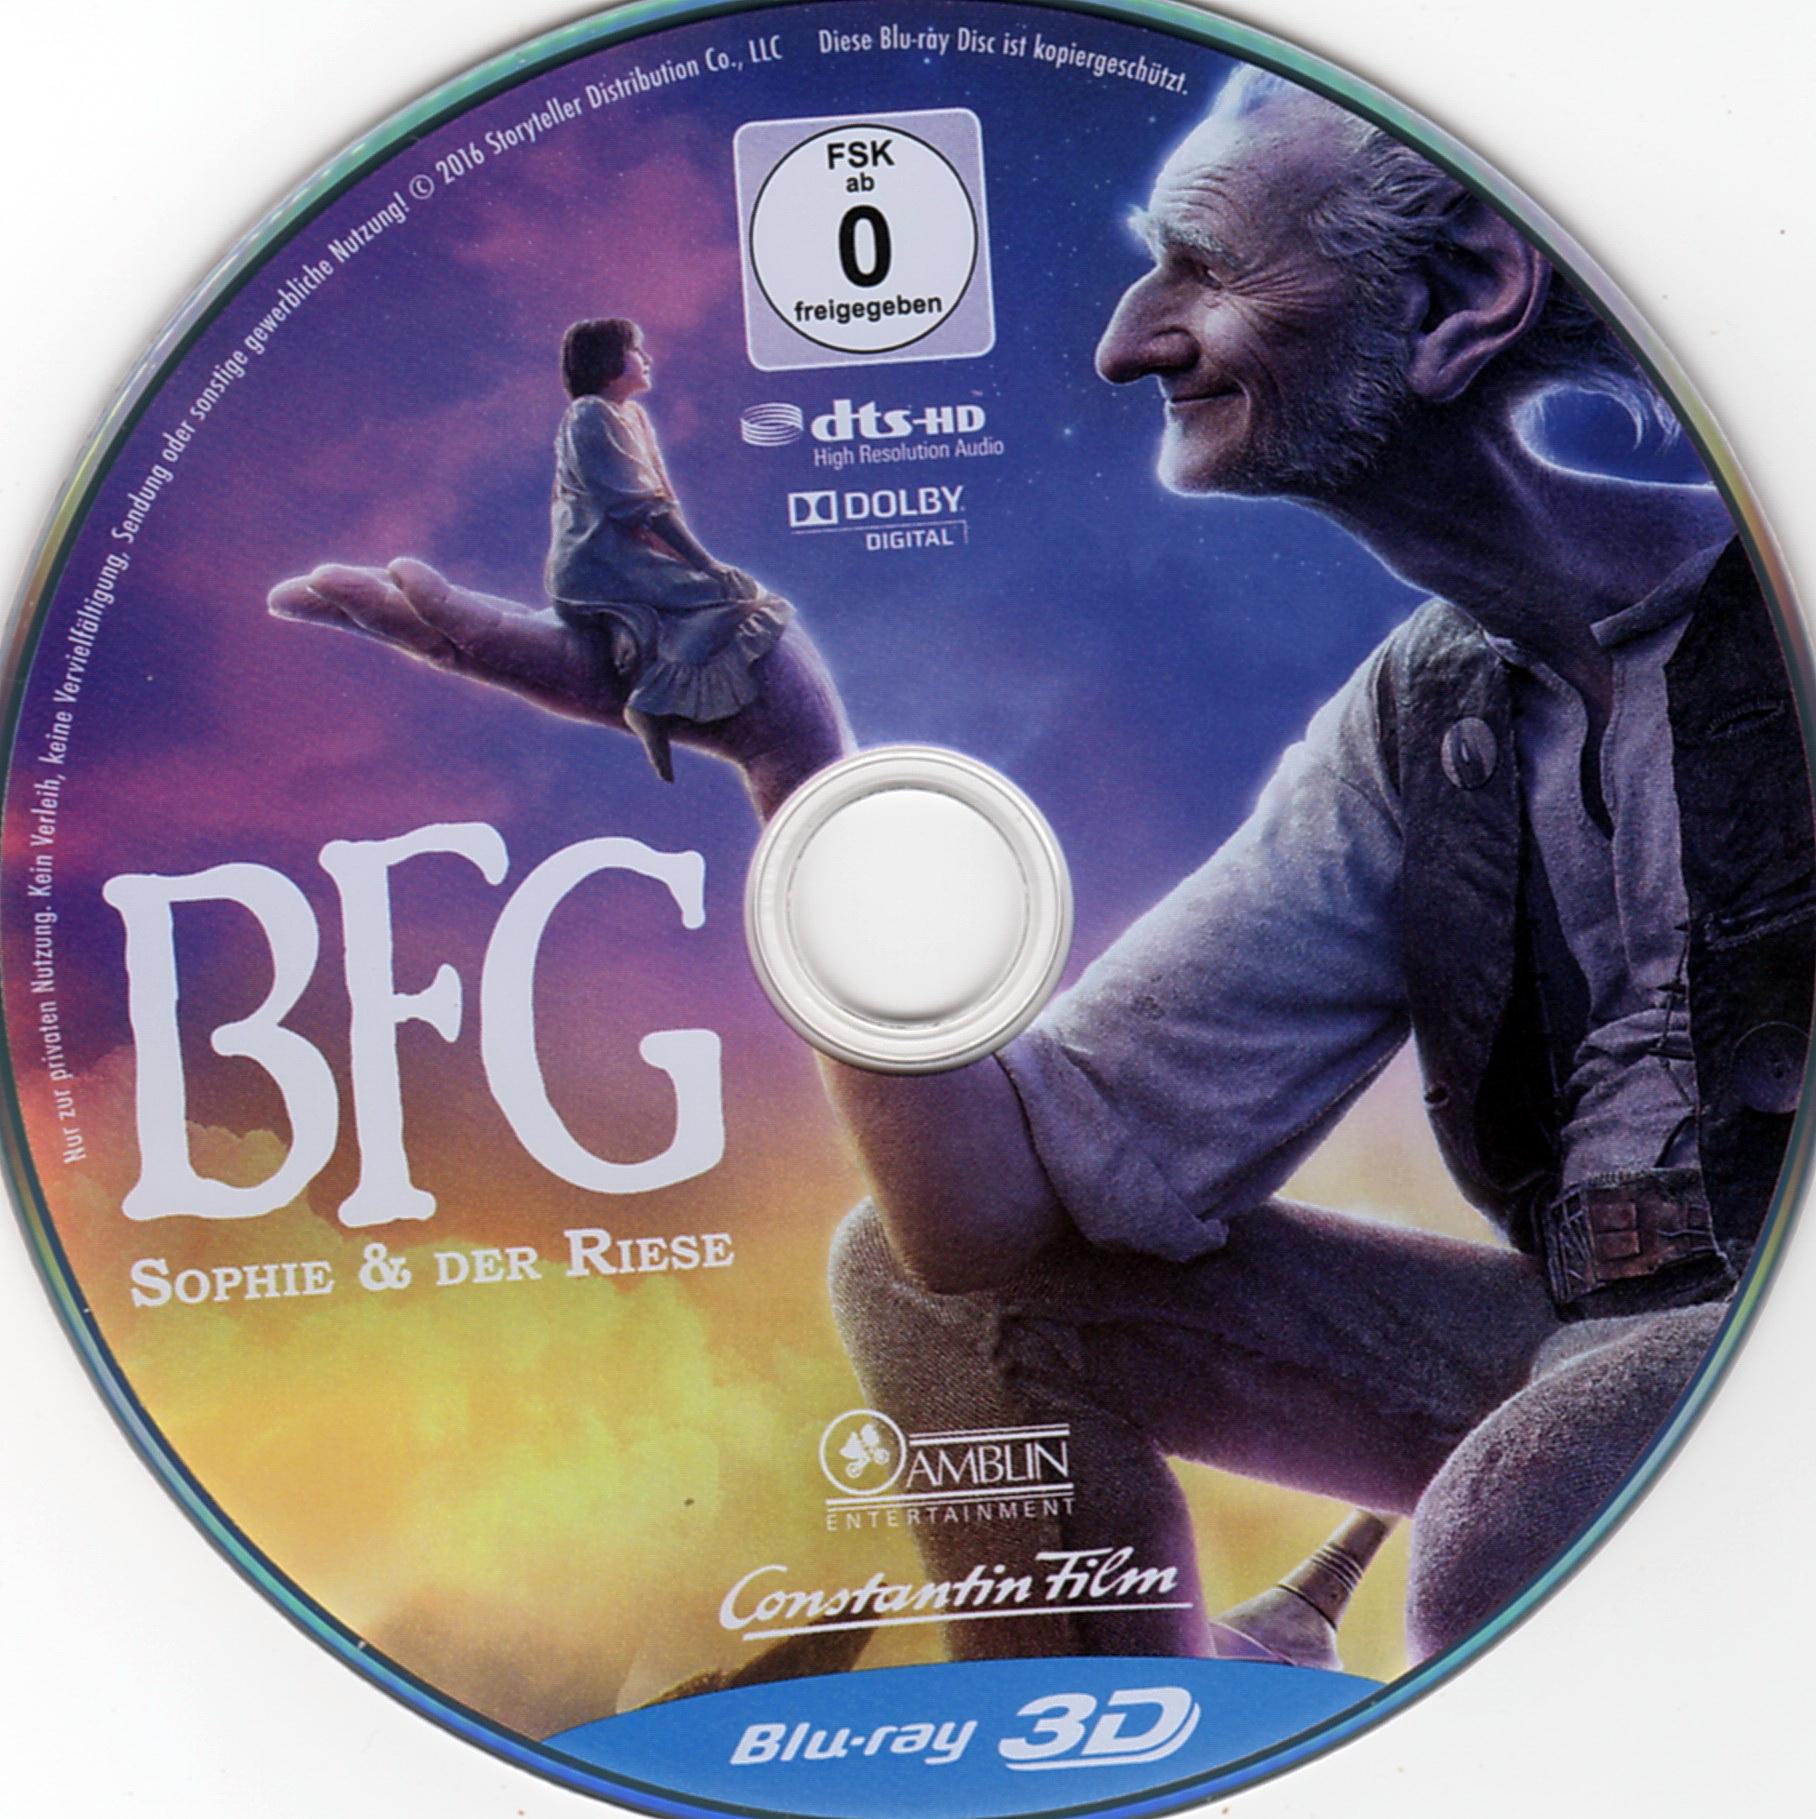 BFG – Sophie & der Riese 3D | German DVD Covers